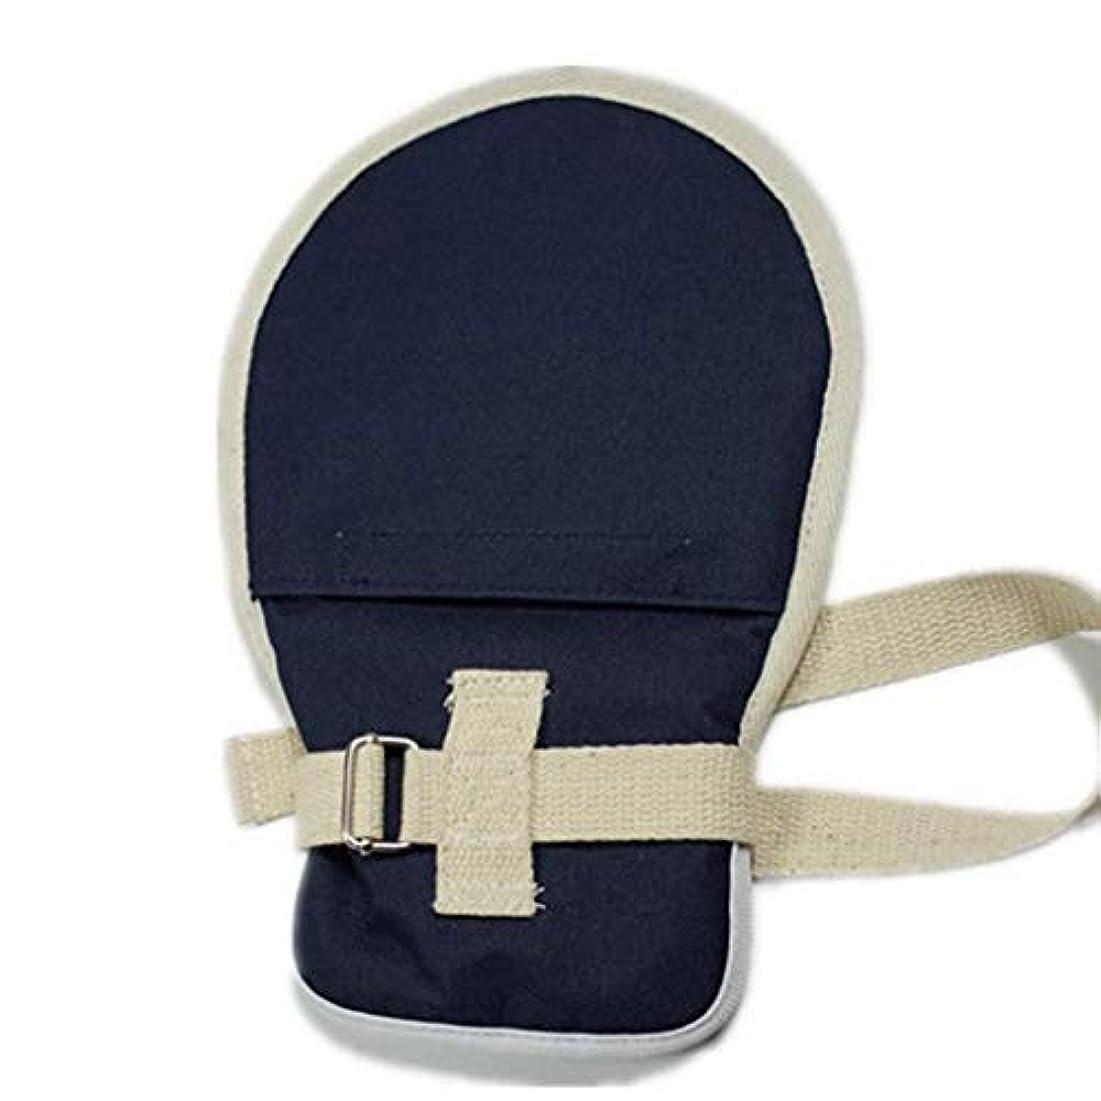 コンプリート反響する爪医療用拘束手袋 - 予防患者の傷自己牽引式引っ張りチューブ、自己怪我、ベッドレスト